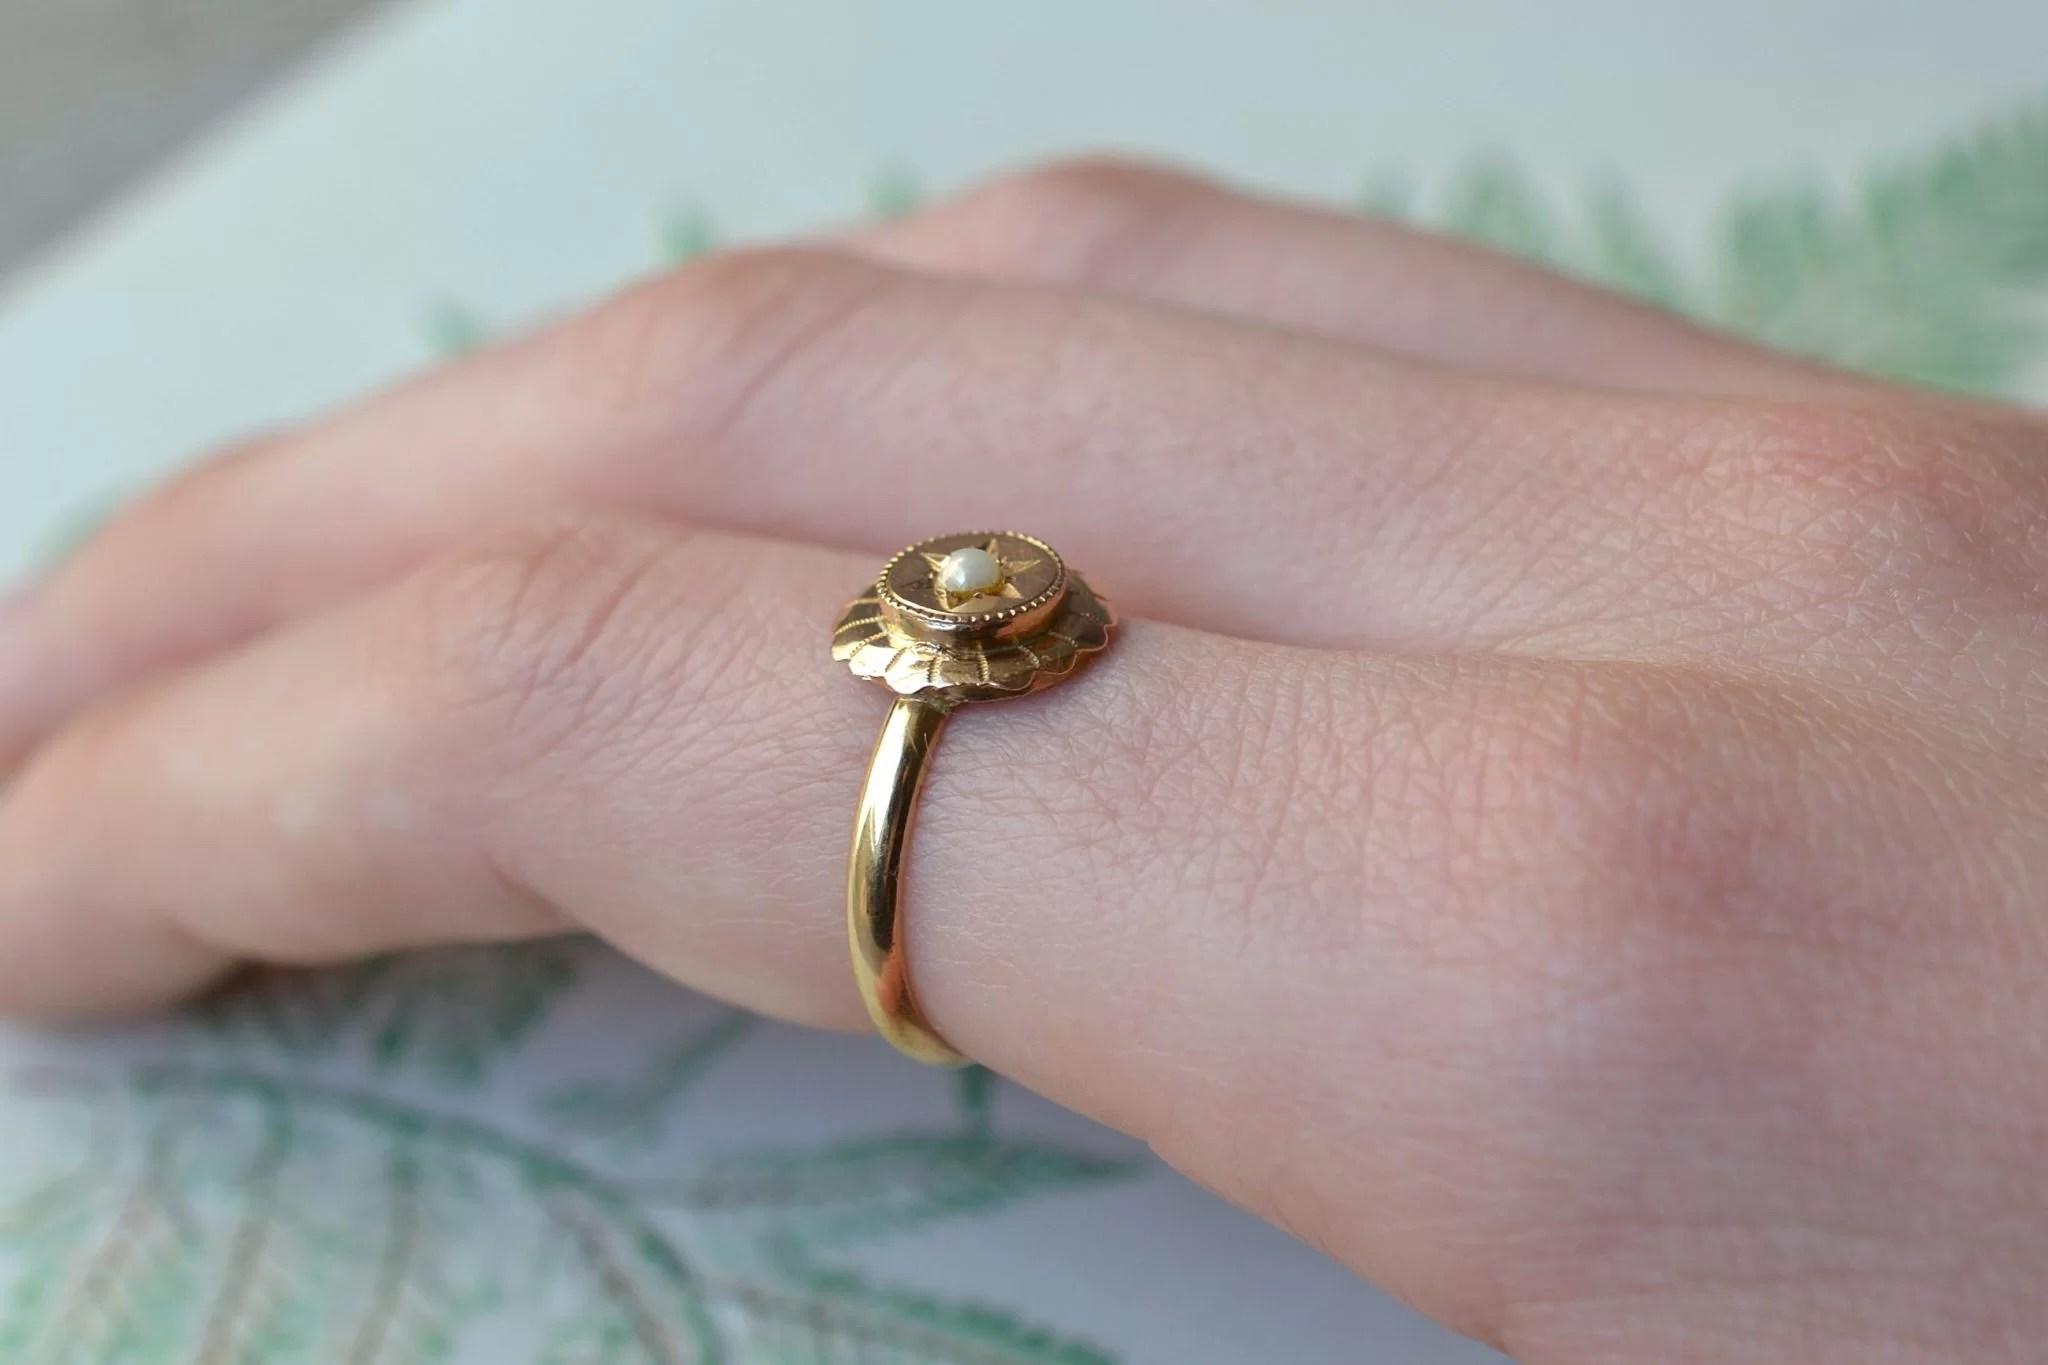 Bague monture en Or jaune, au plateau circulaire ciselé et ornée d_une demi-perle de culture - bague de fiançailles Vintage